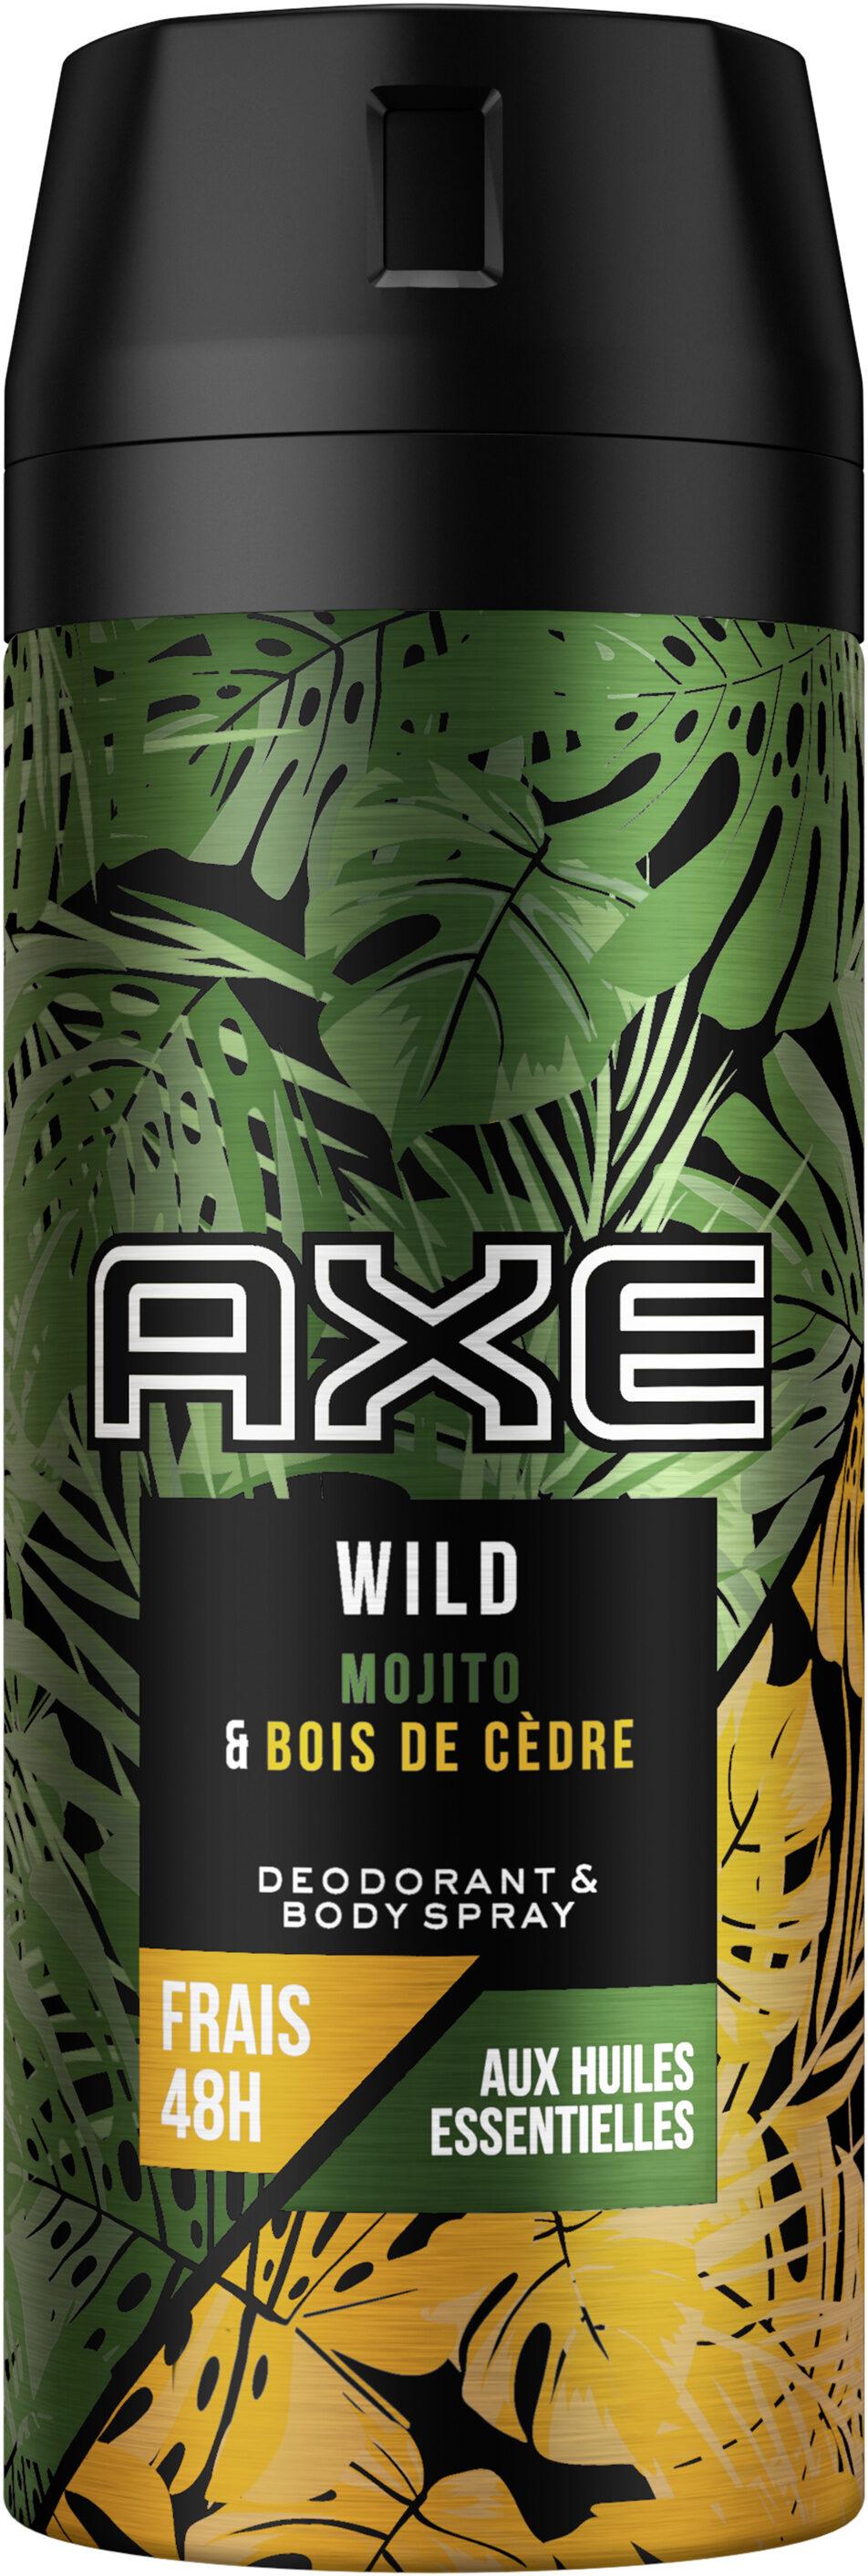 AXE Déodorant et Bodyspray Parfum Mojito & Bois de Cèdre - Product - fr